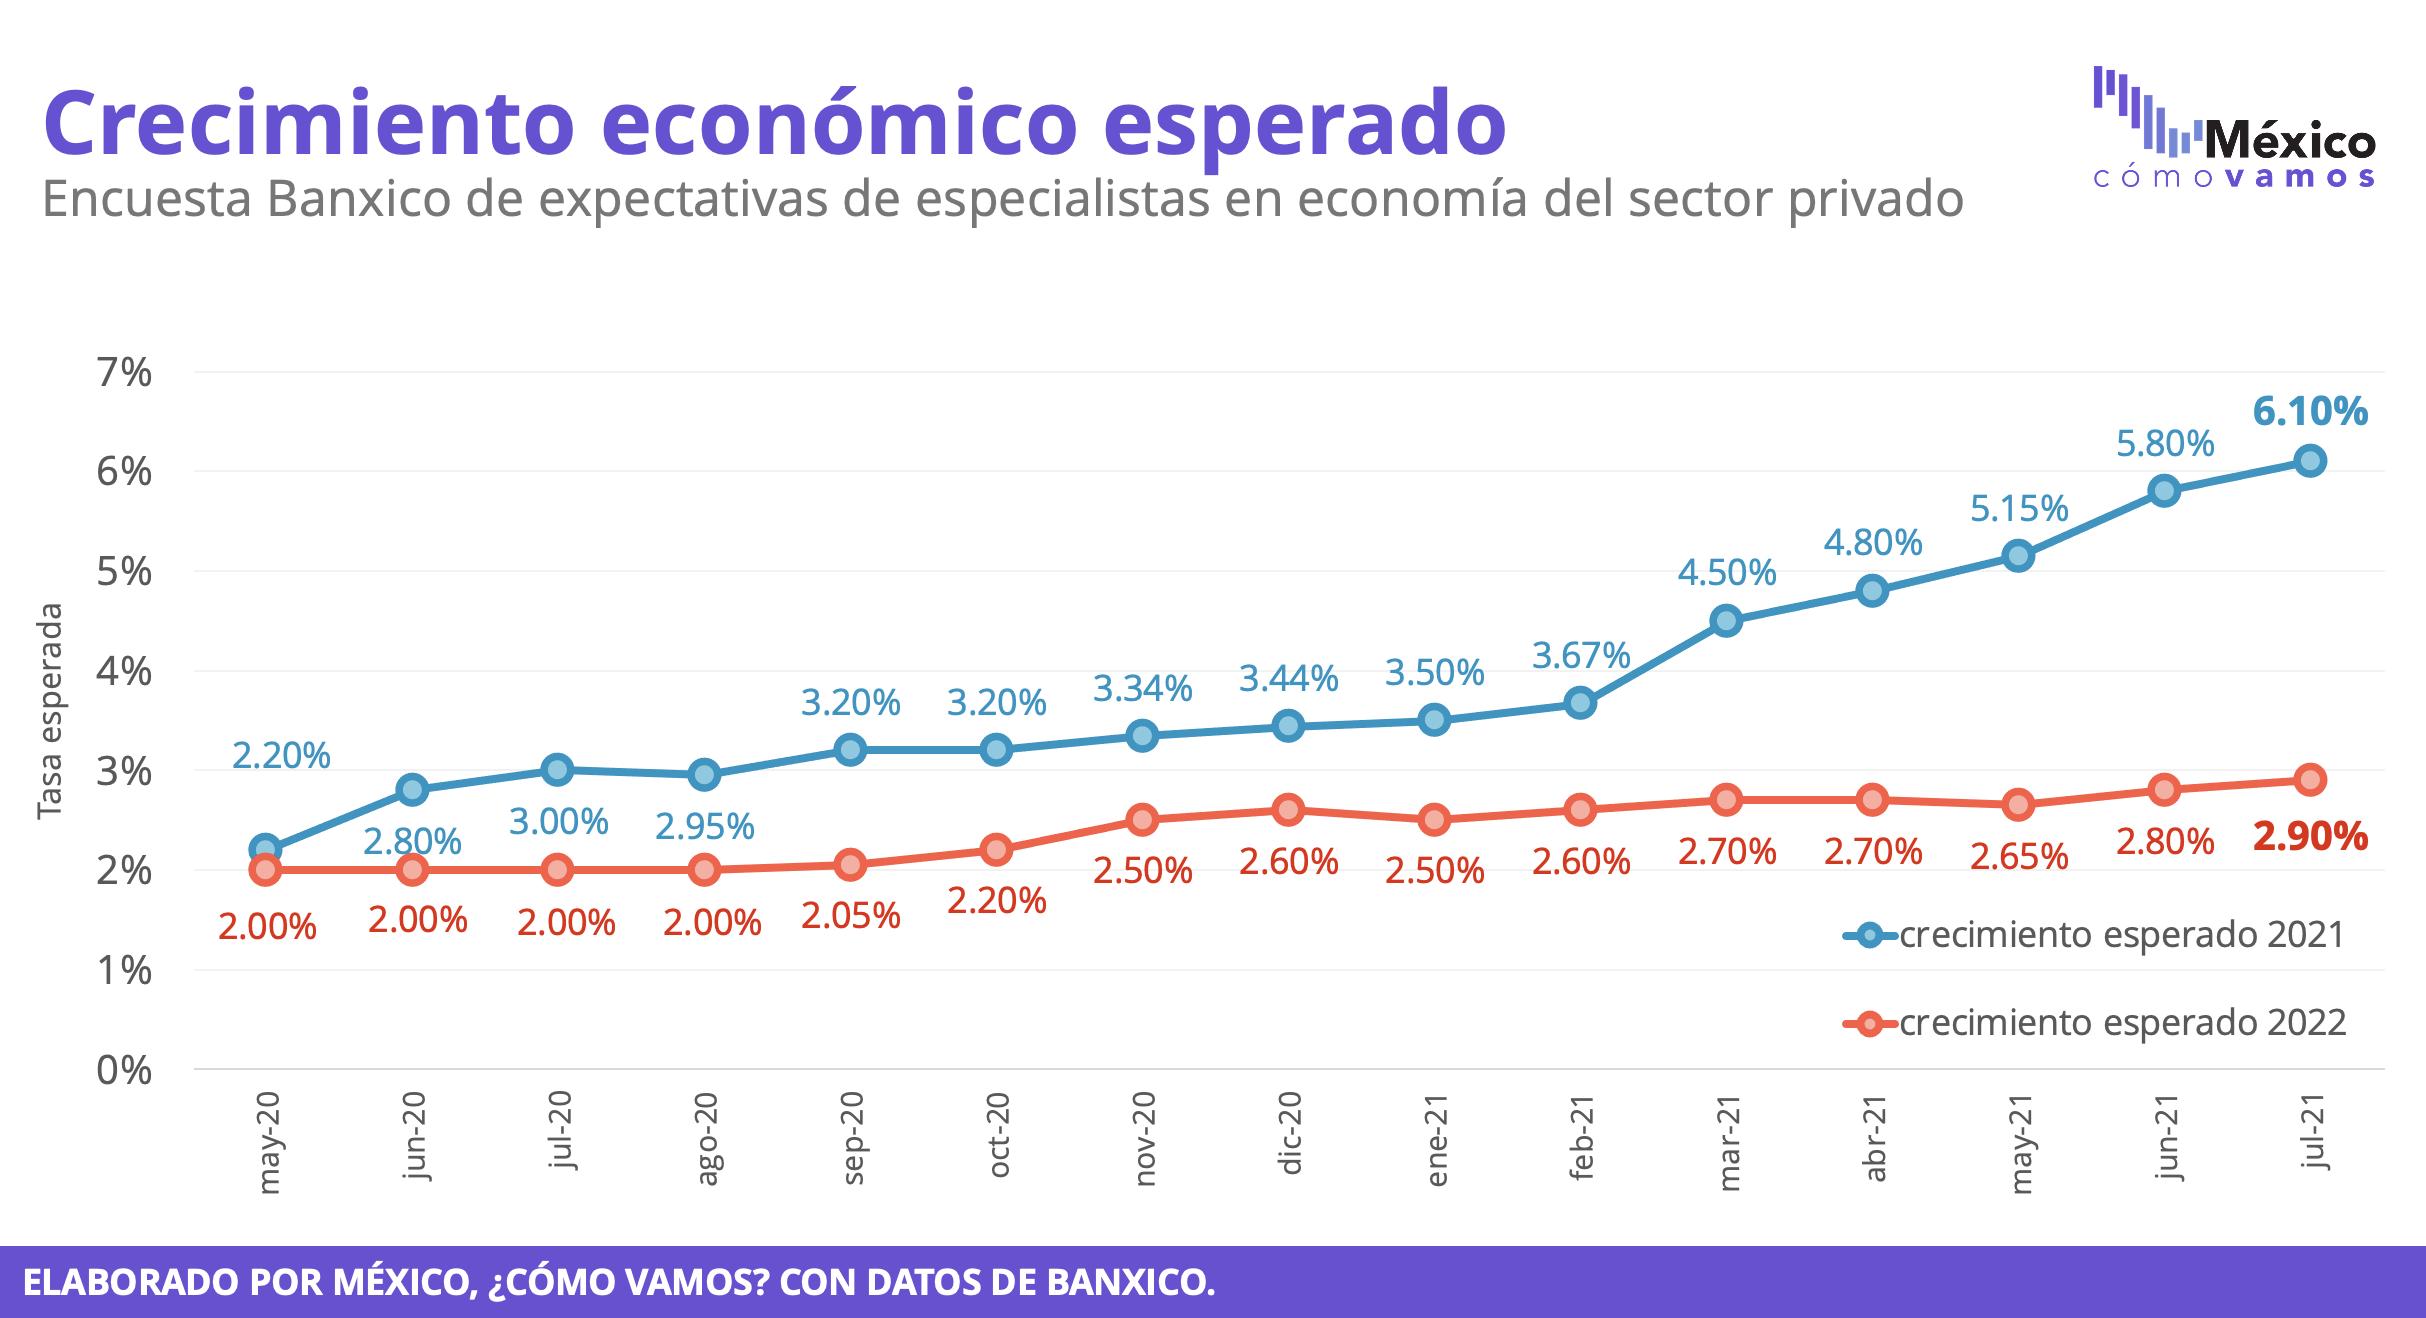 Expectativas de crecimiento – Encuesta Banxico